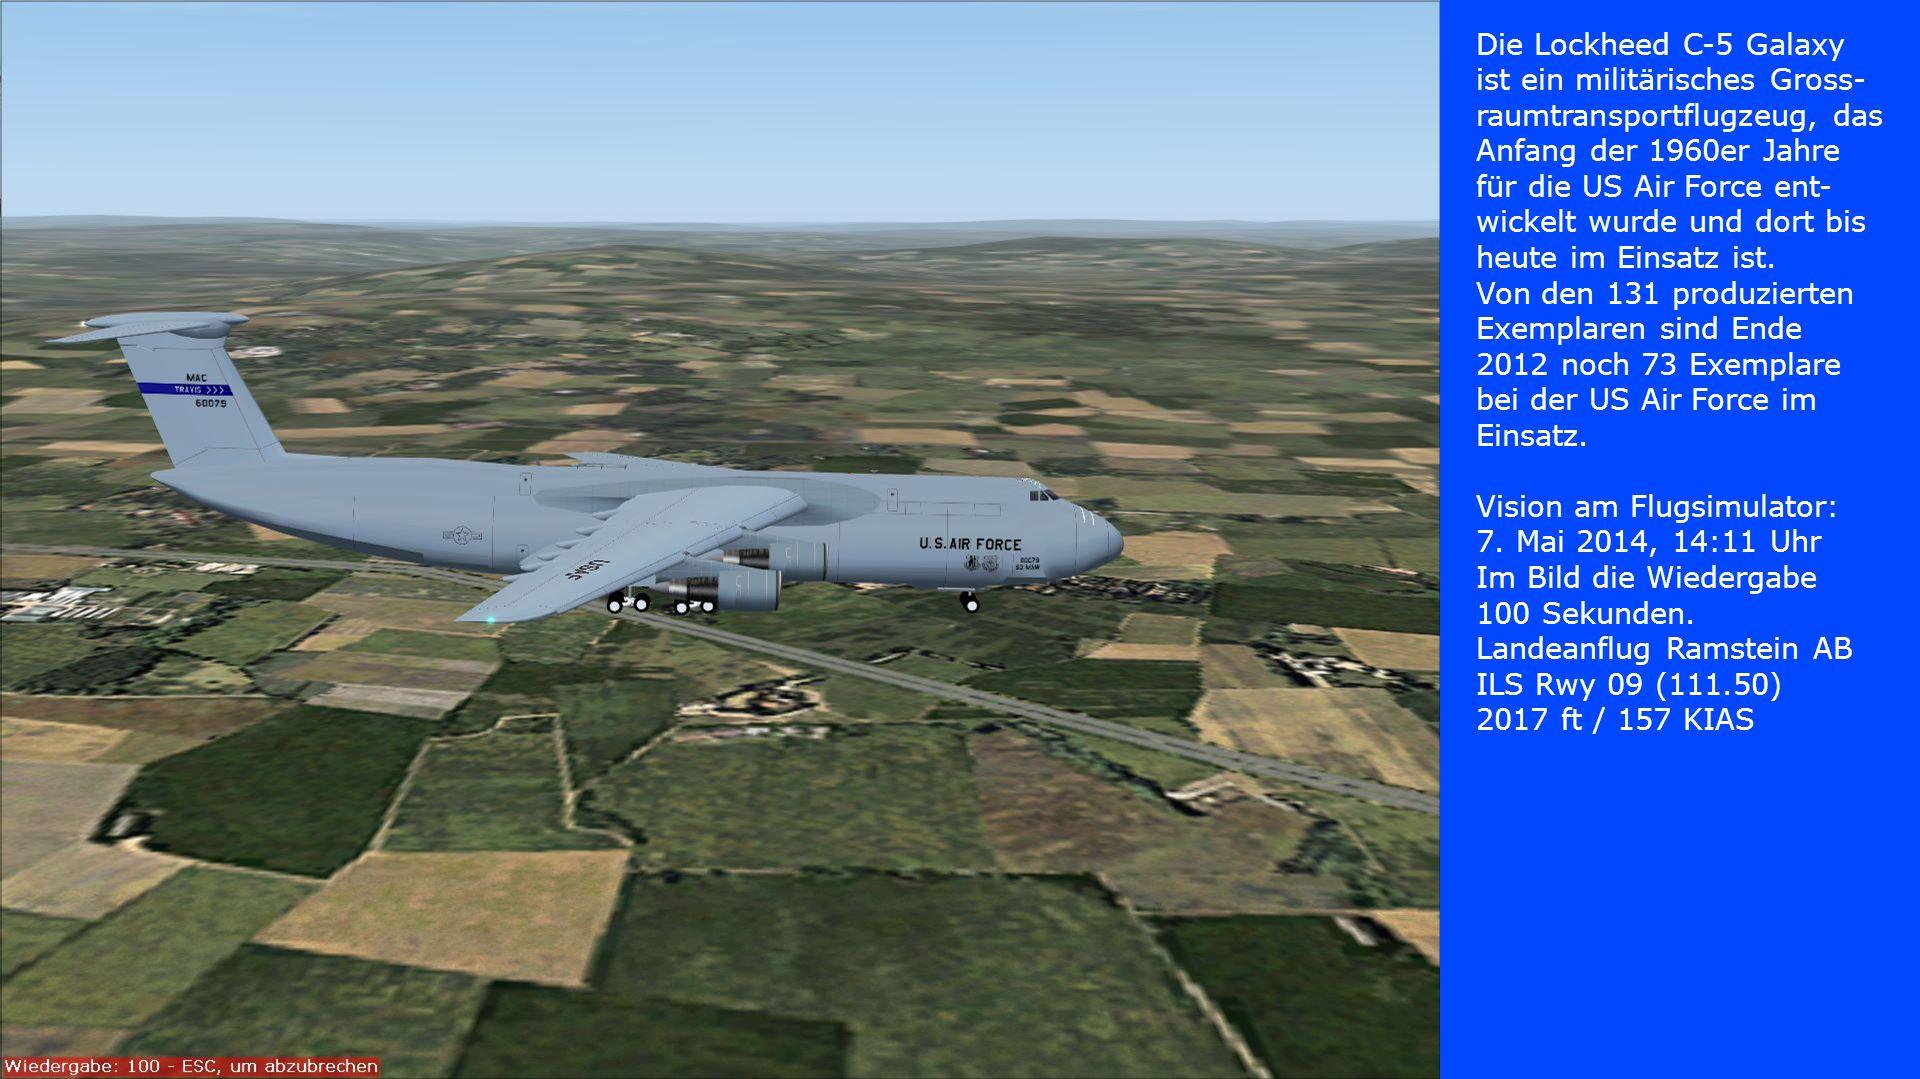 Die Lockheed C-5 Galaxy ist ein militärisches Gross- raumtransportflugzeug, das Anfang der 1960er Jahre für die US Air Force ent- wickelt wurde und do